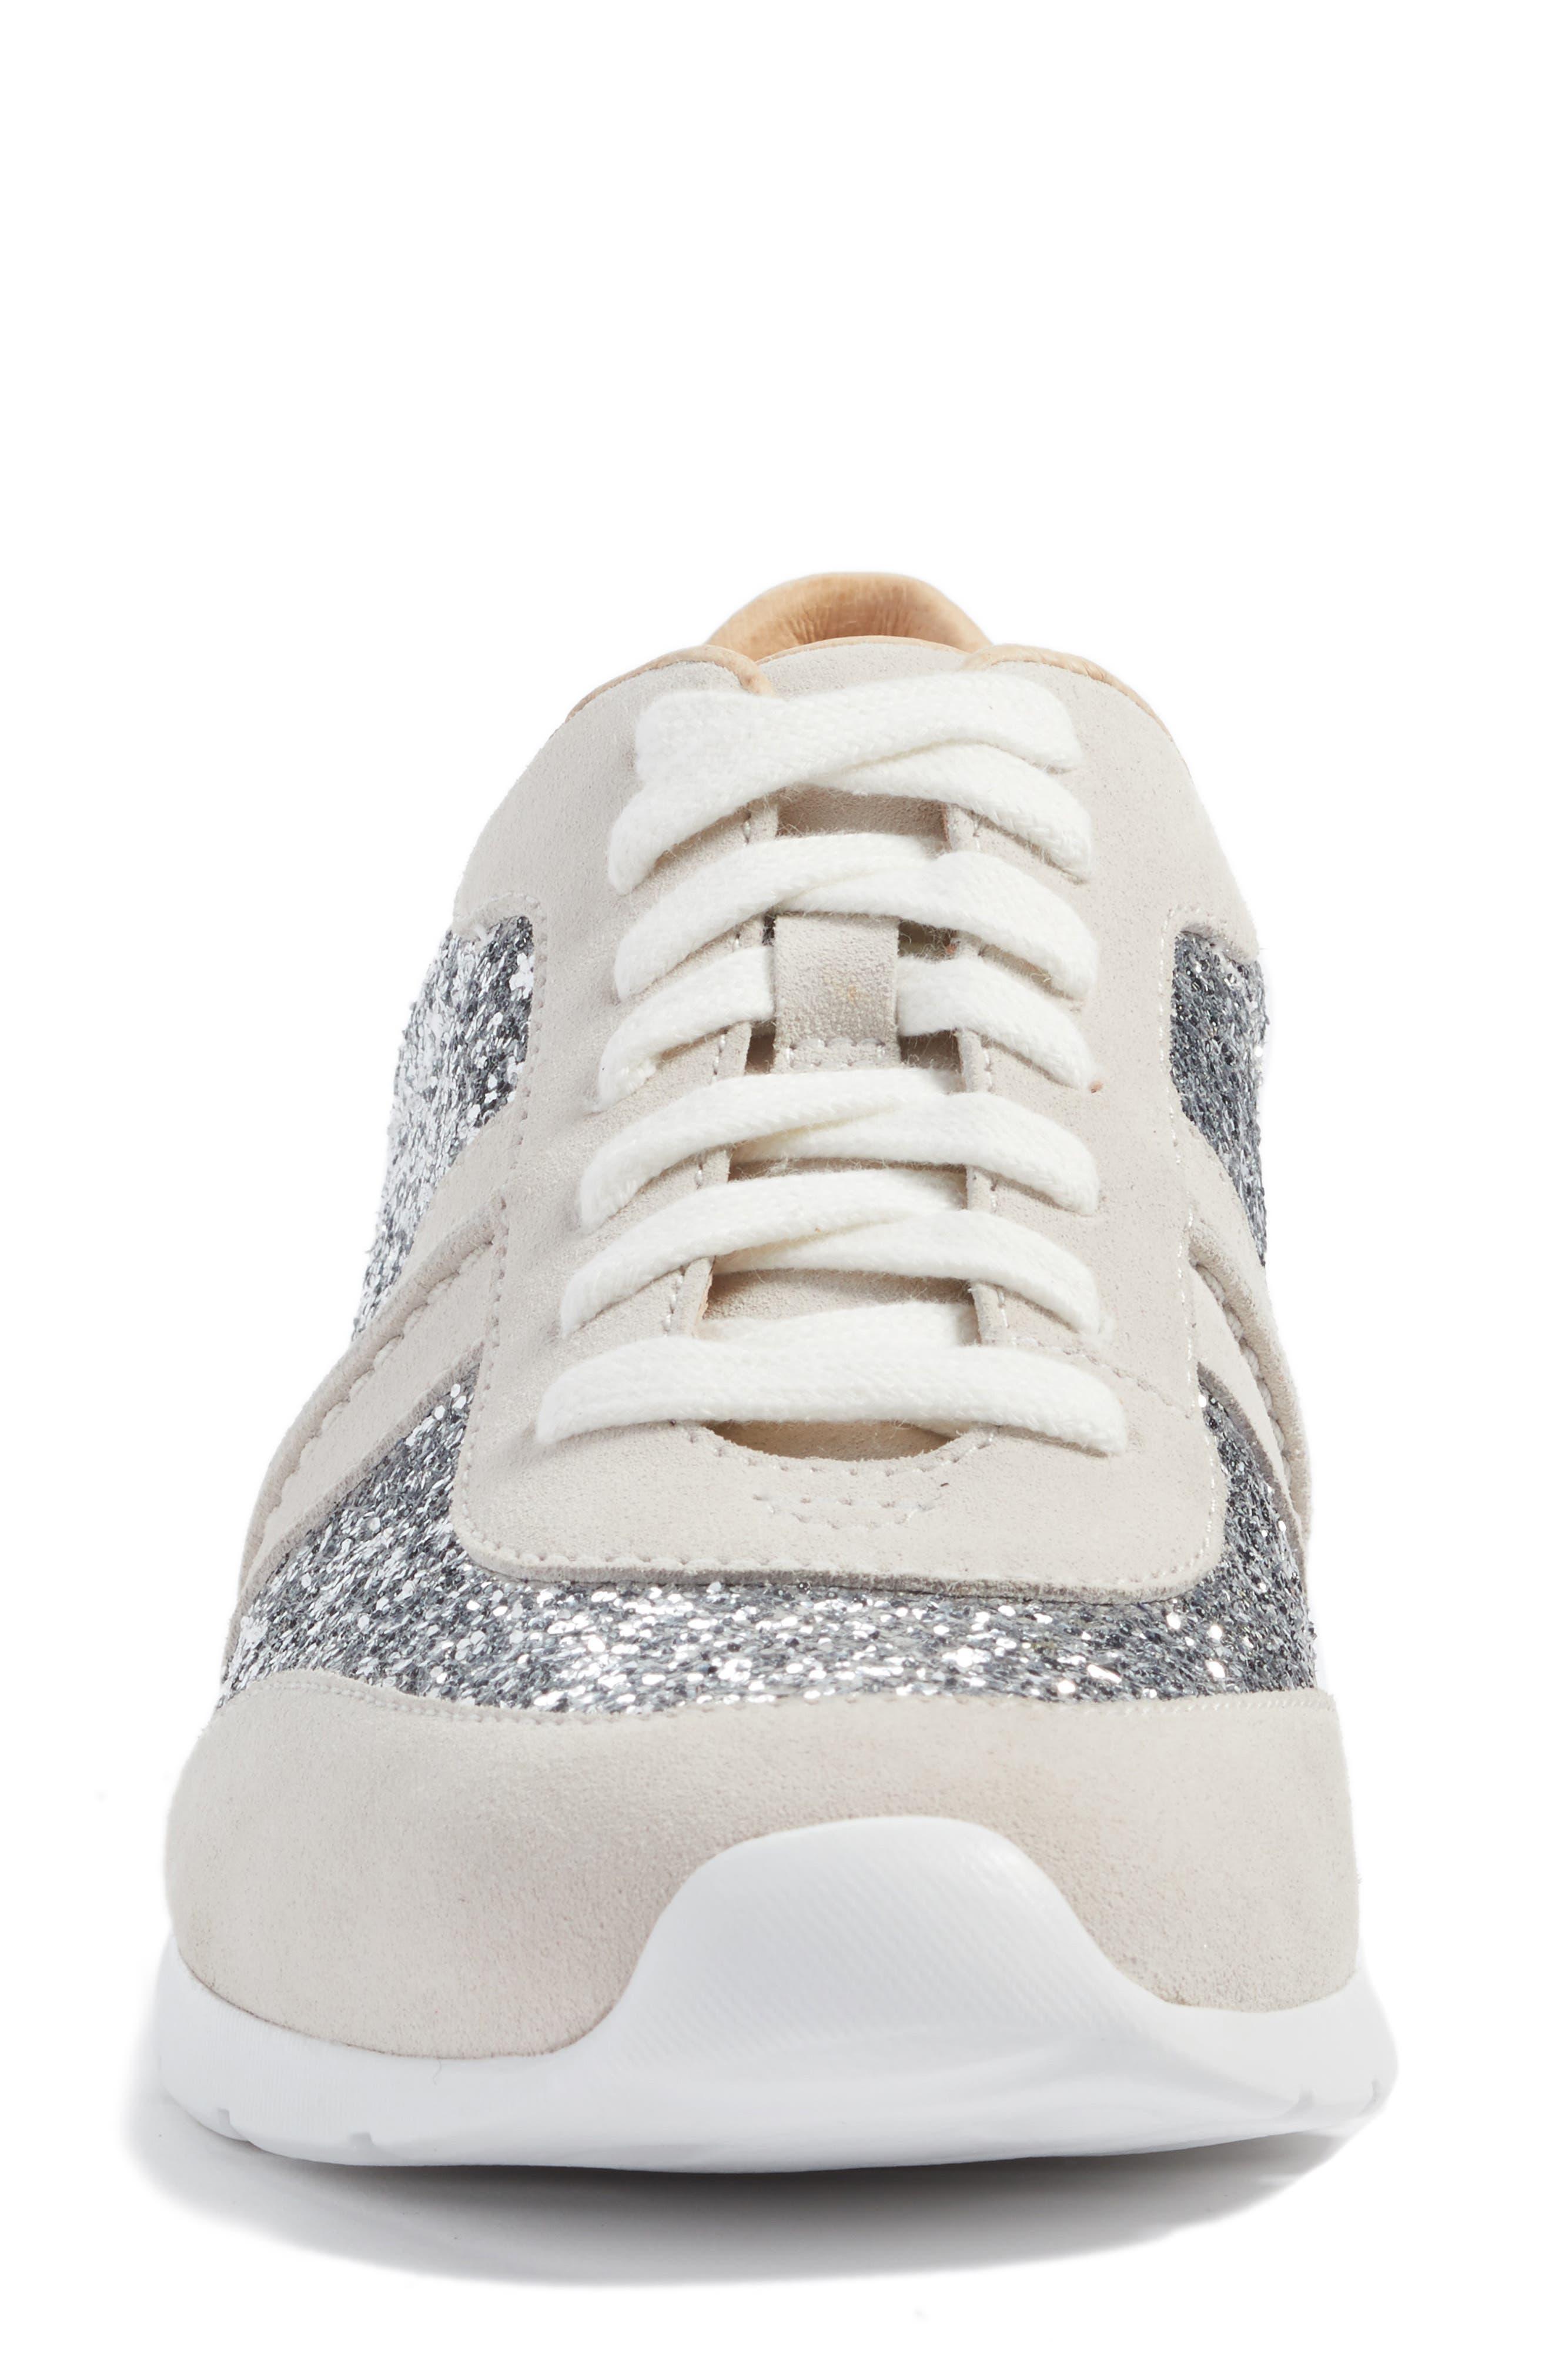 Jaida Glitter Sneaker,                             Alternate thumbnail 4, color,                             040